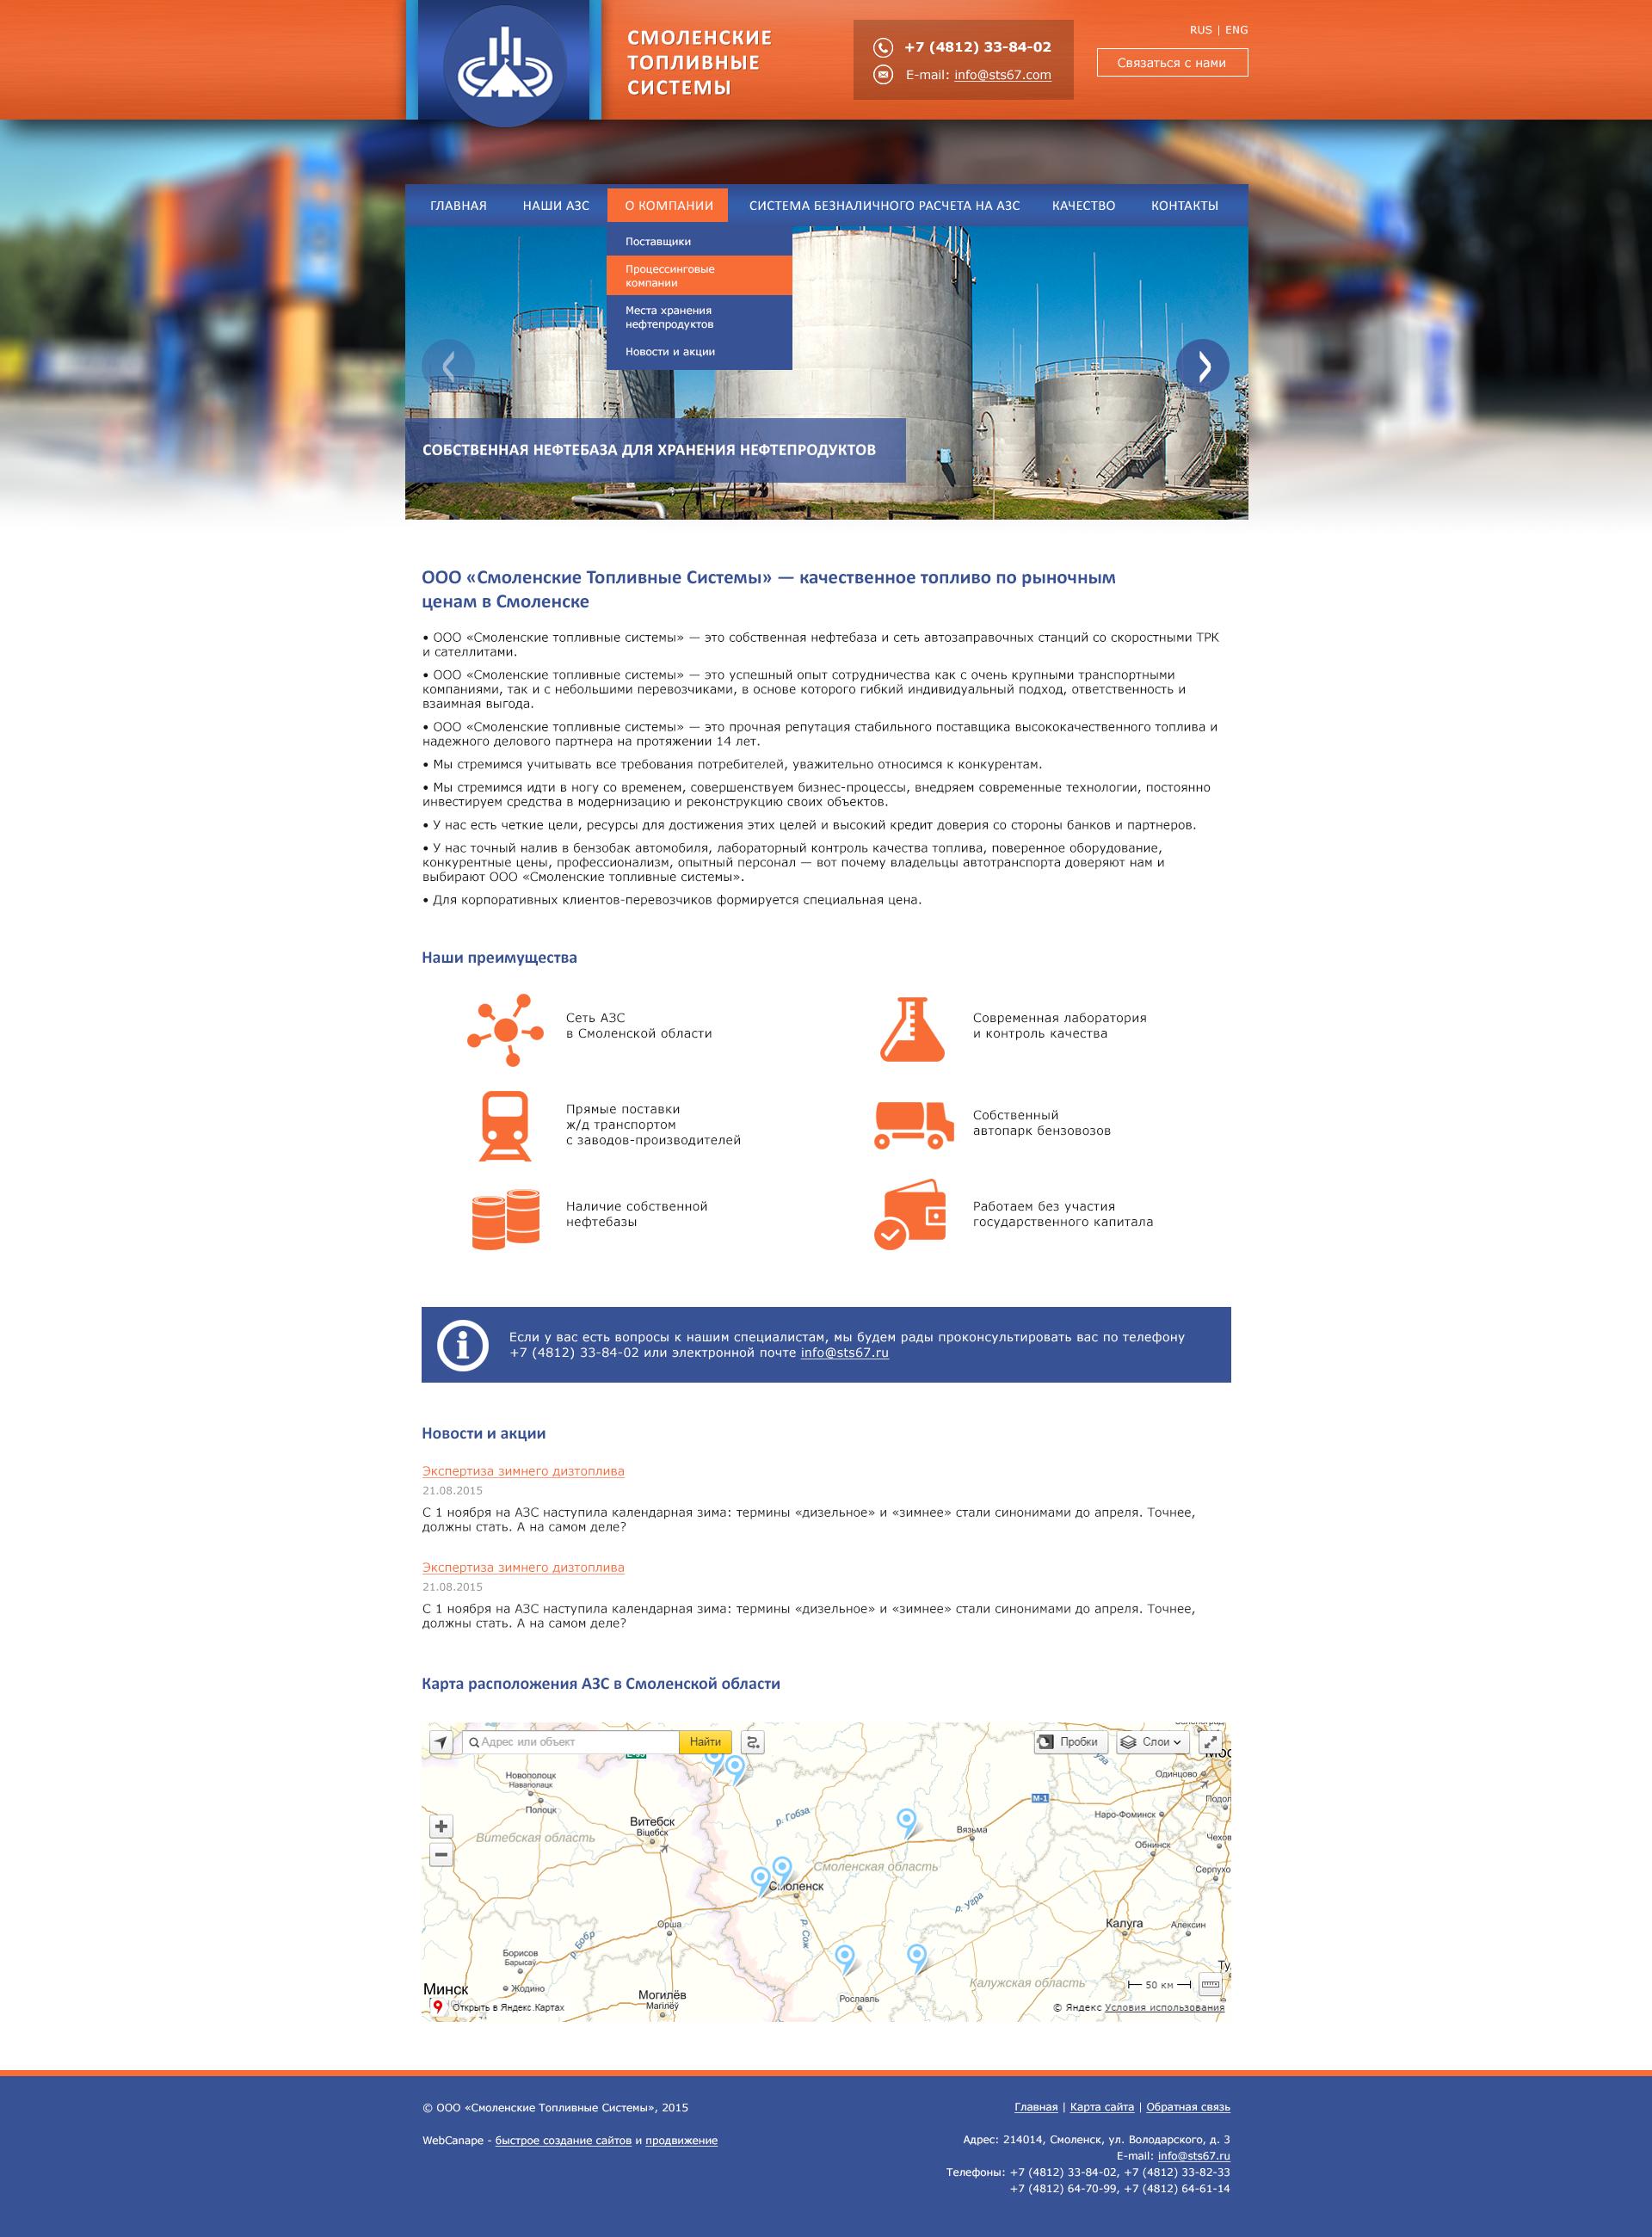 Создание сайта для сети автозаправочных станций